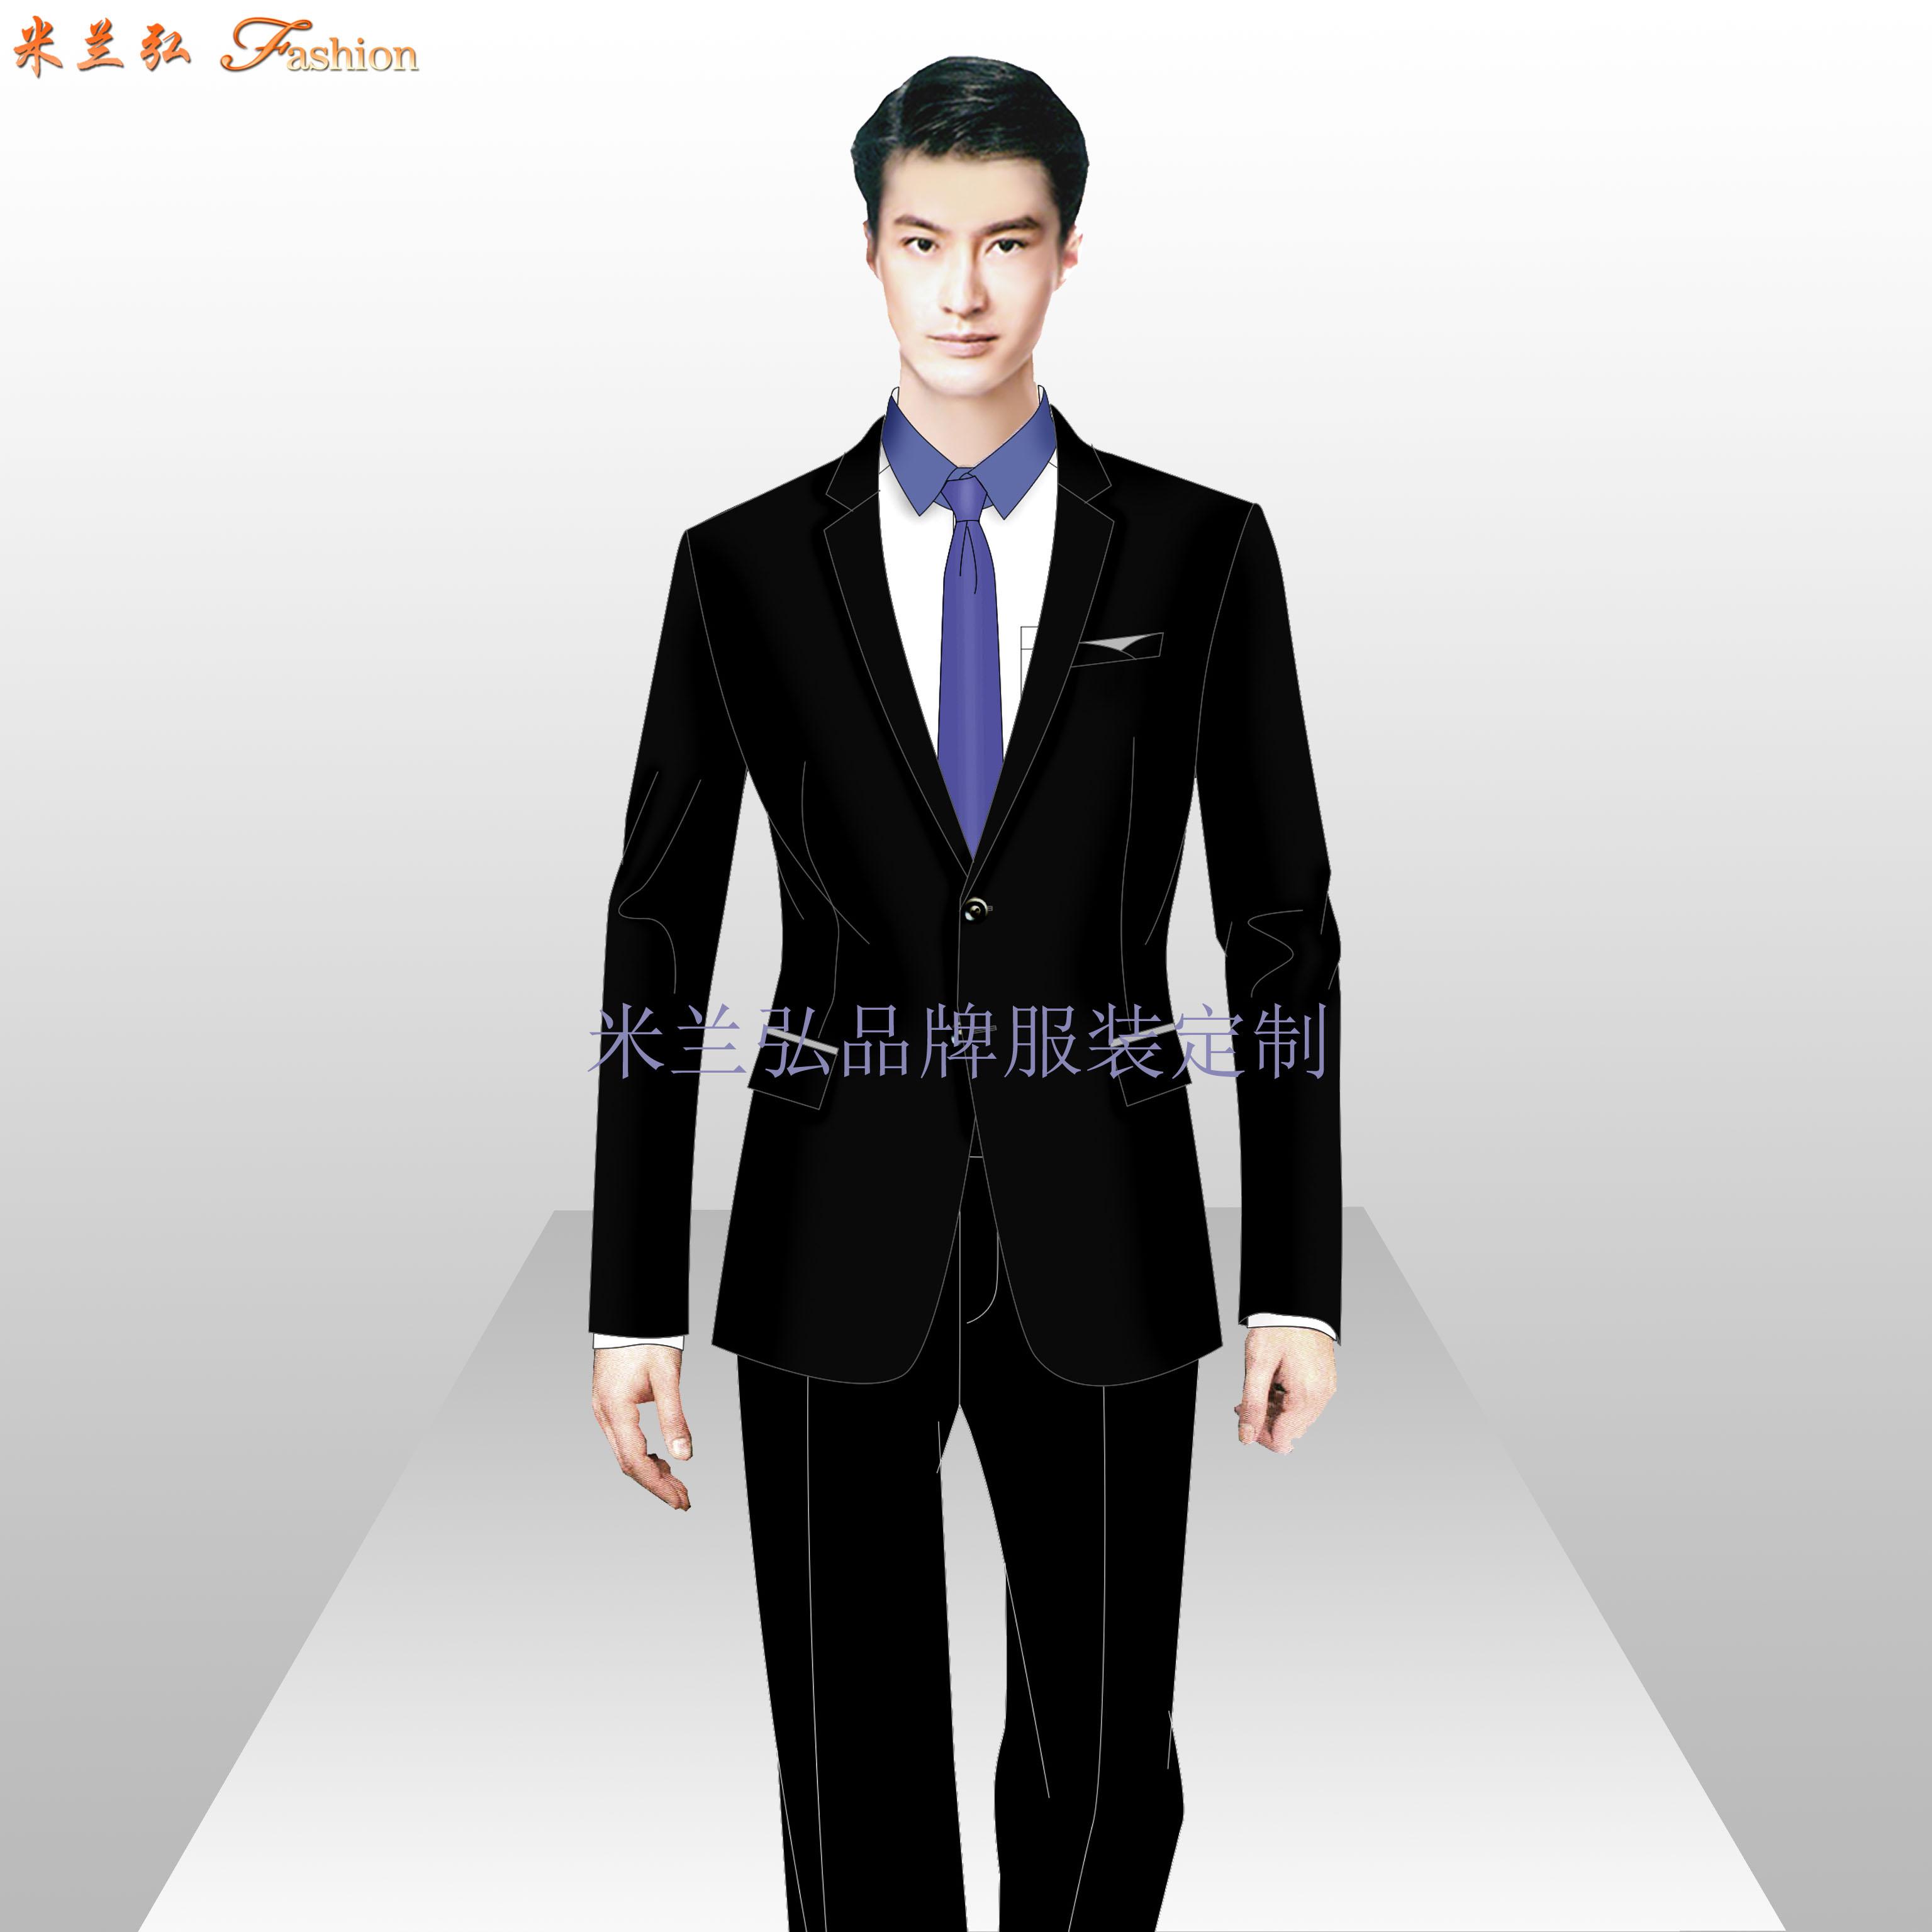 大興區西服定製_北京大興職業裝訂做-最新送体验金网站服裝廠家-2